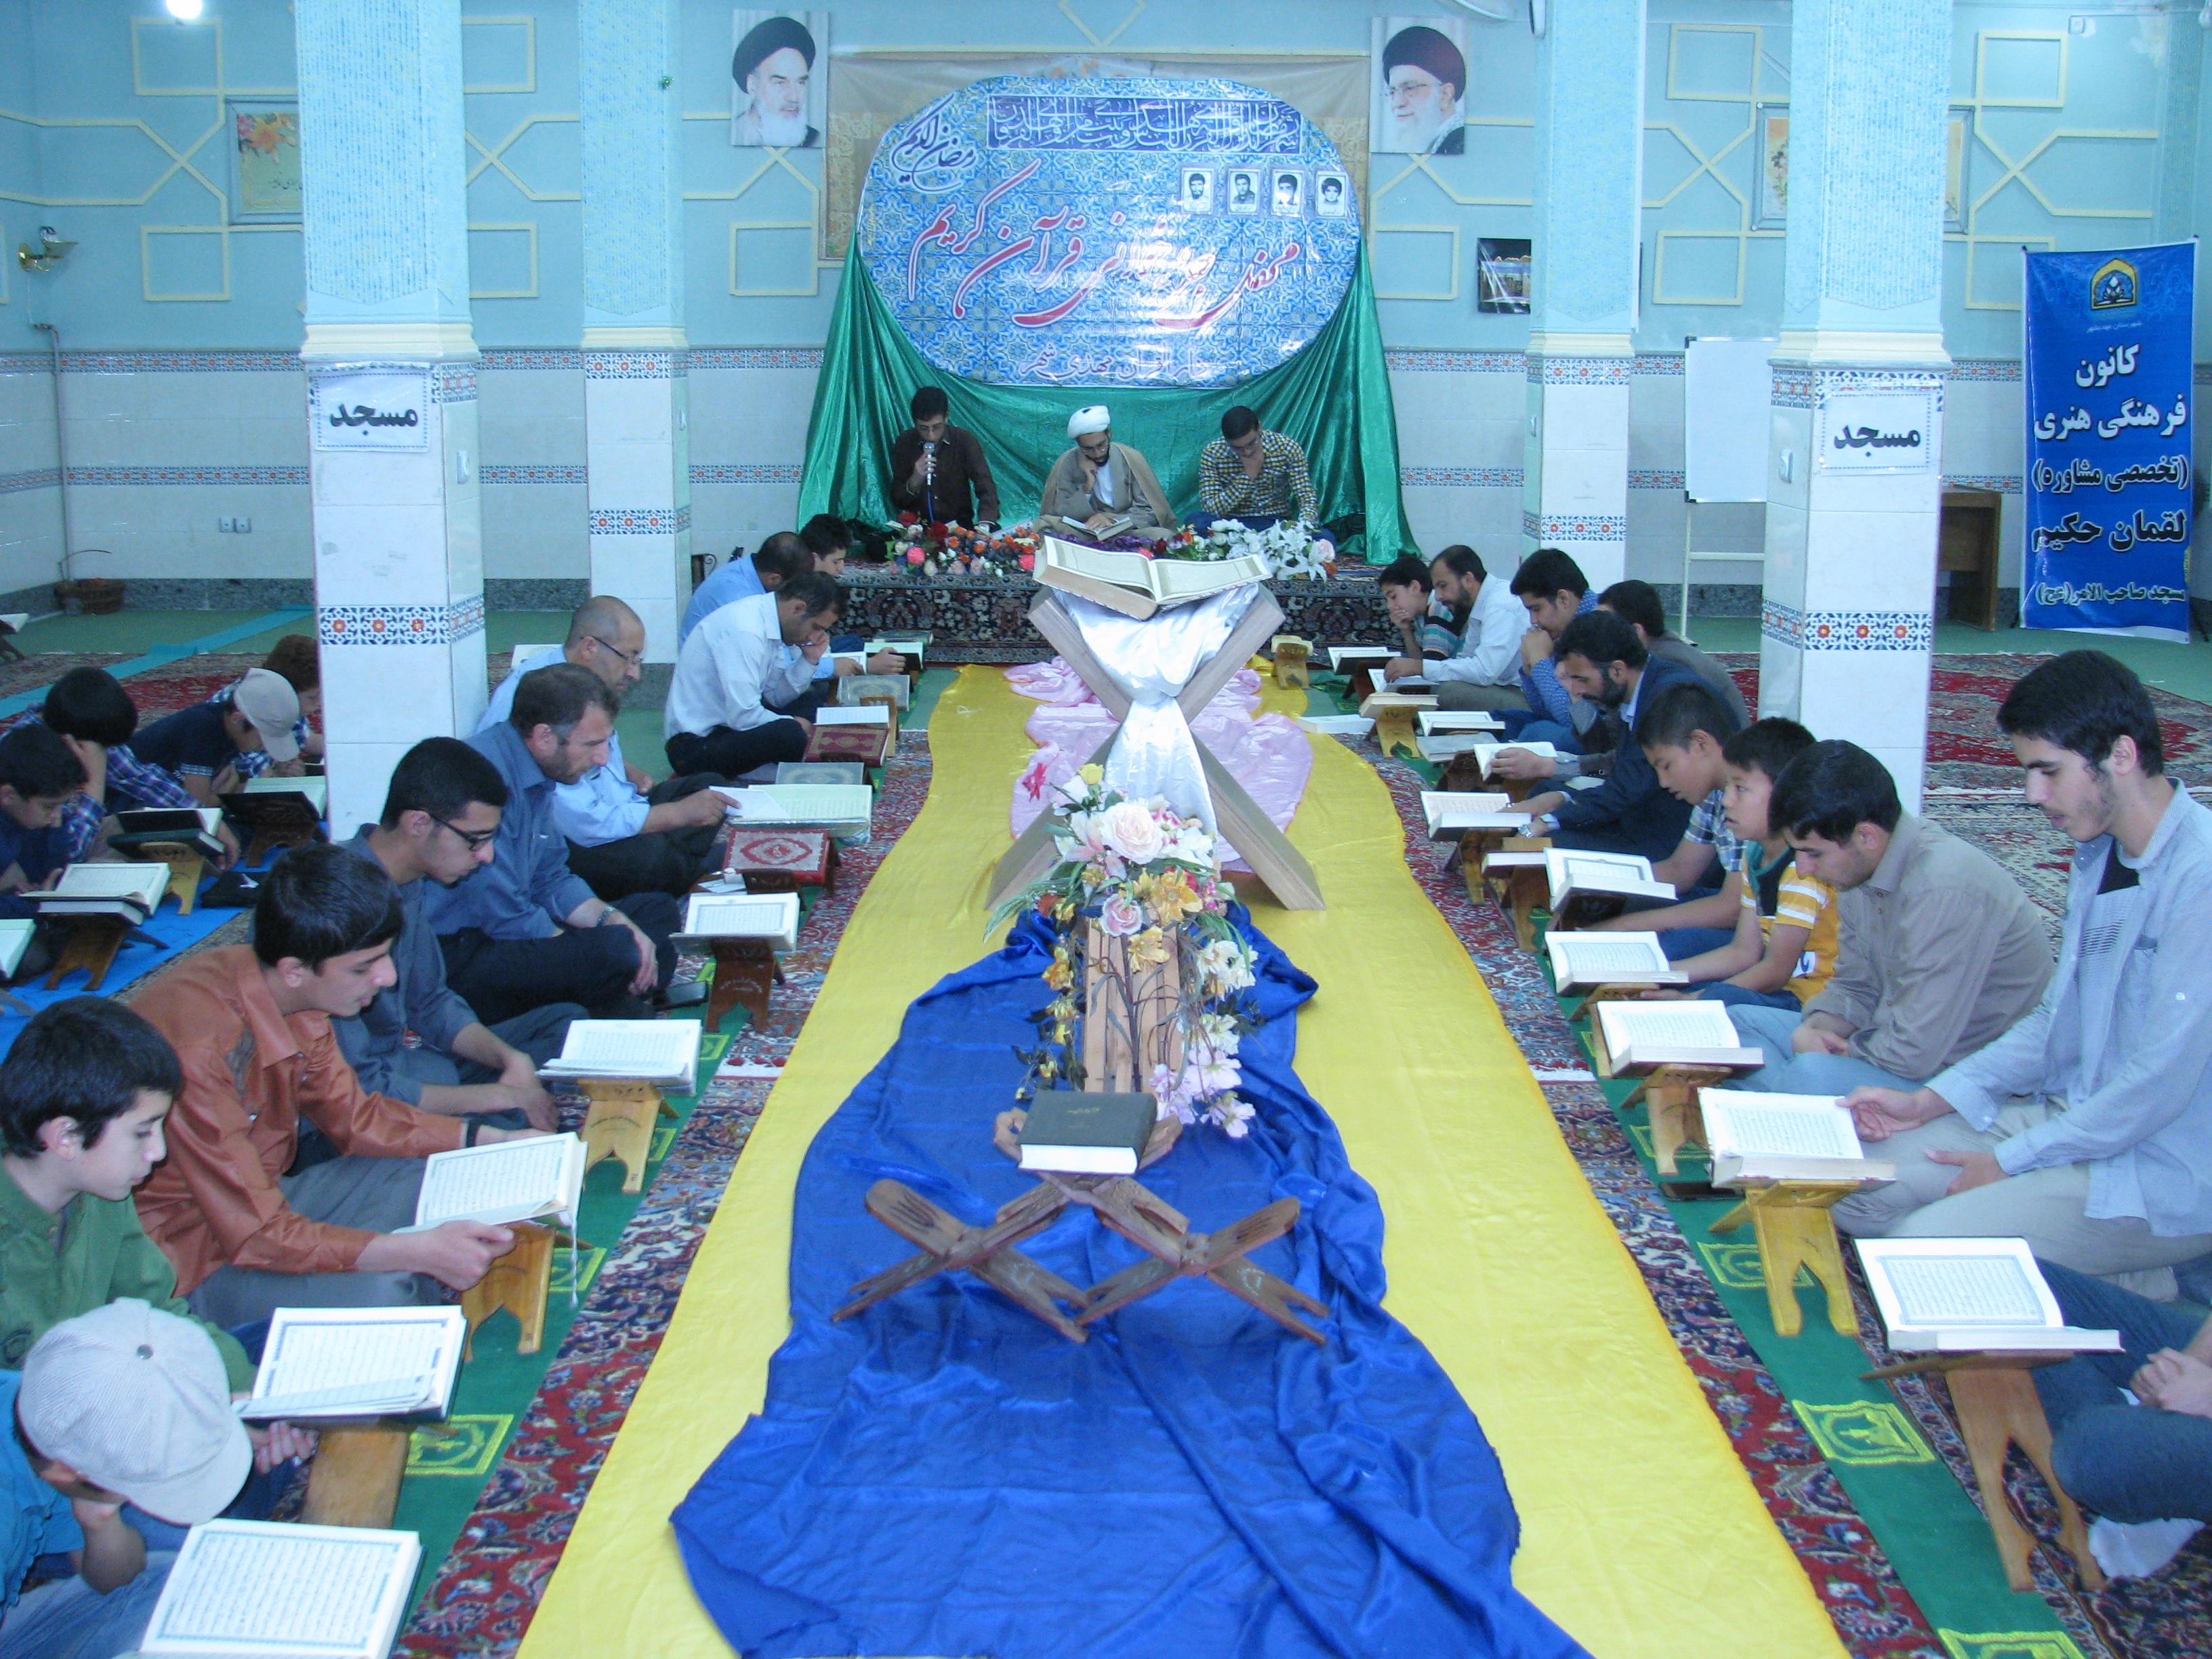 محفل جزء خوانی قرآن کریم در طول ماه مبارک رمضان